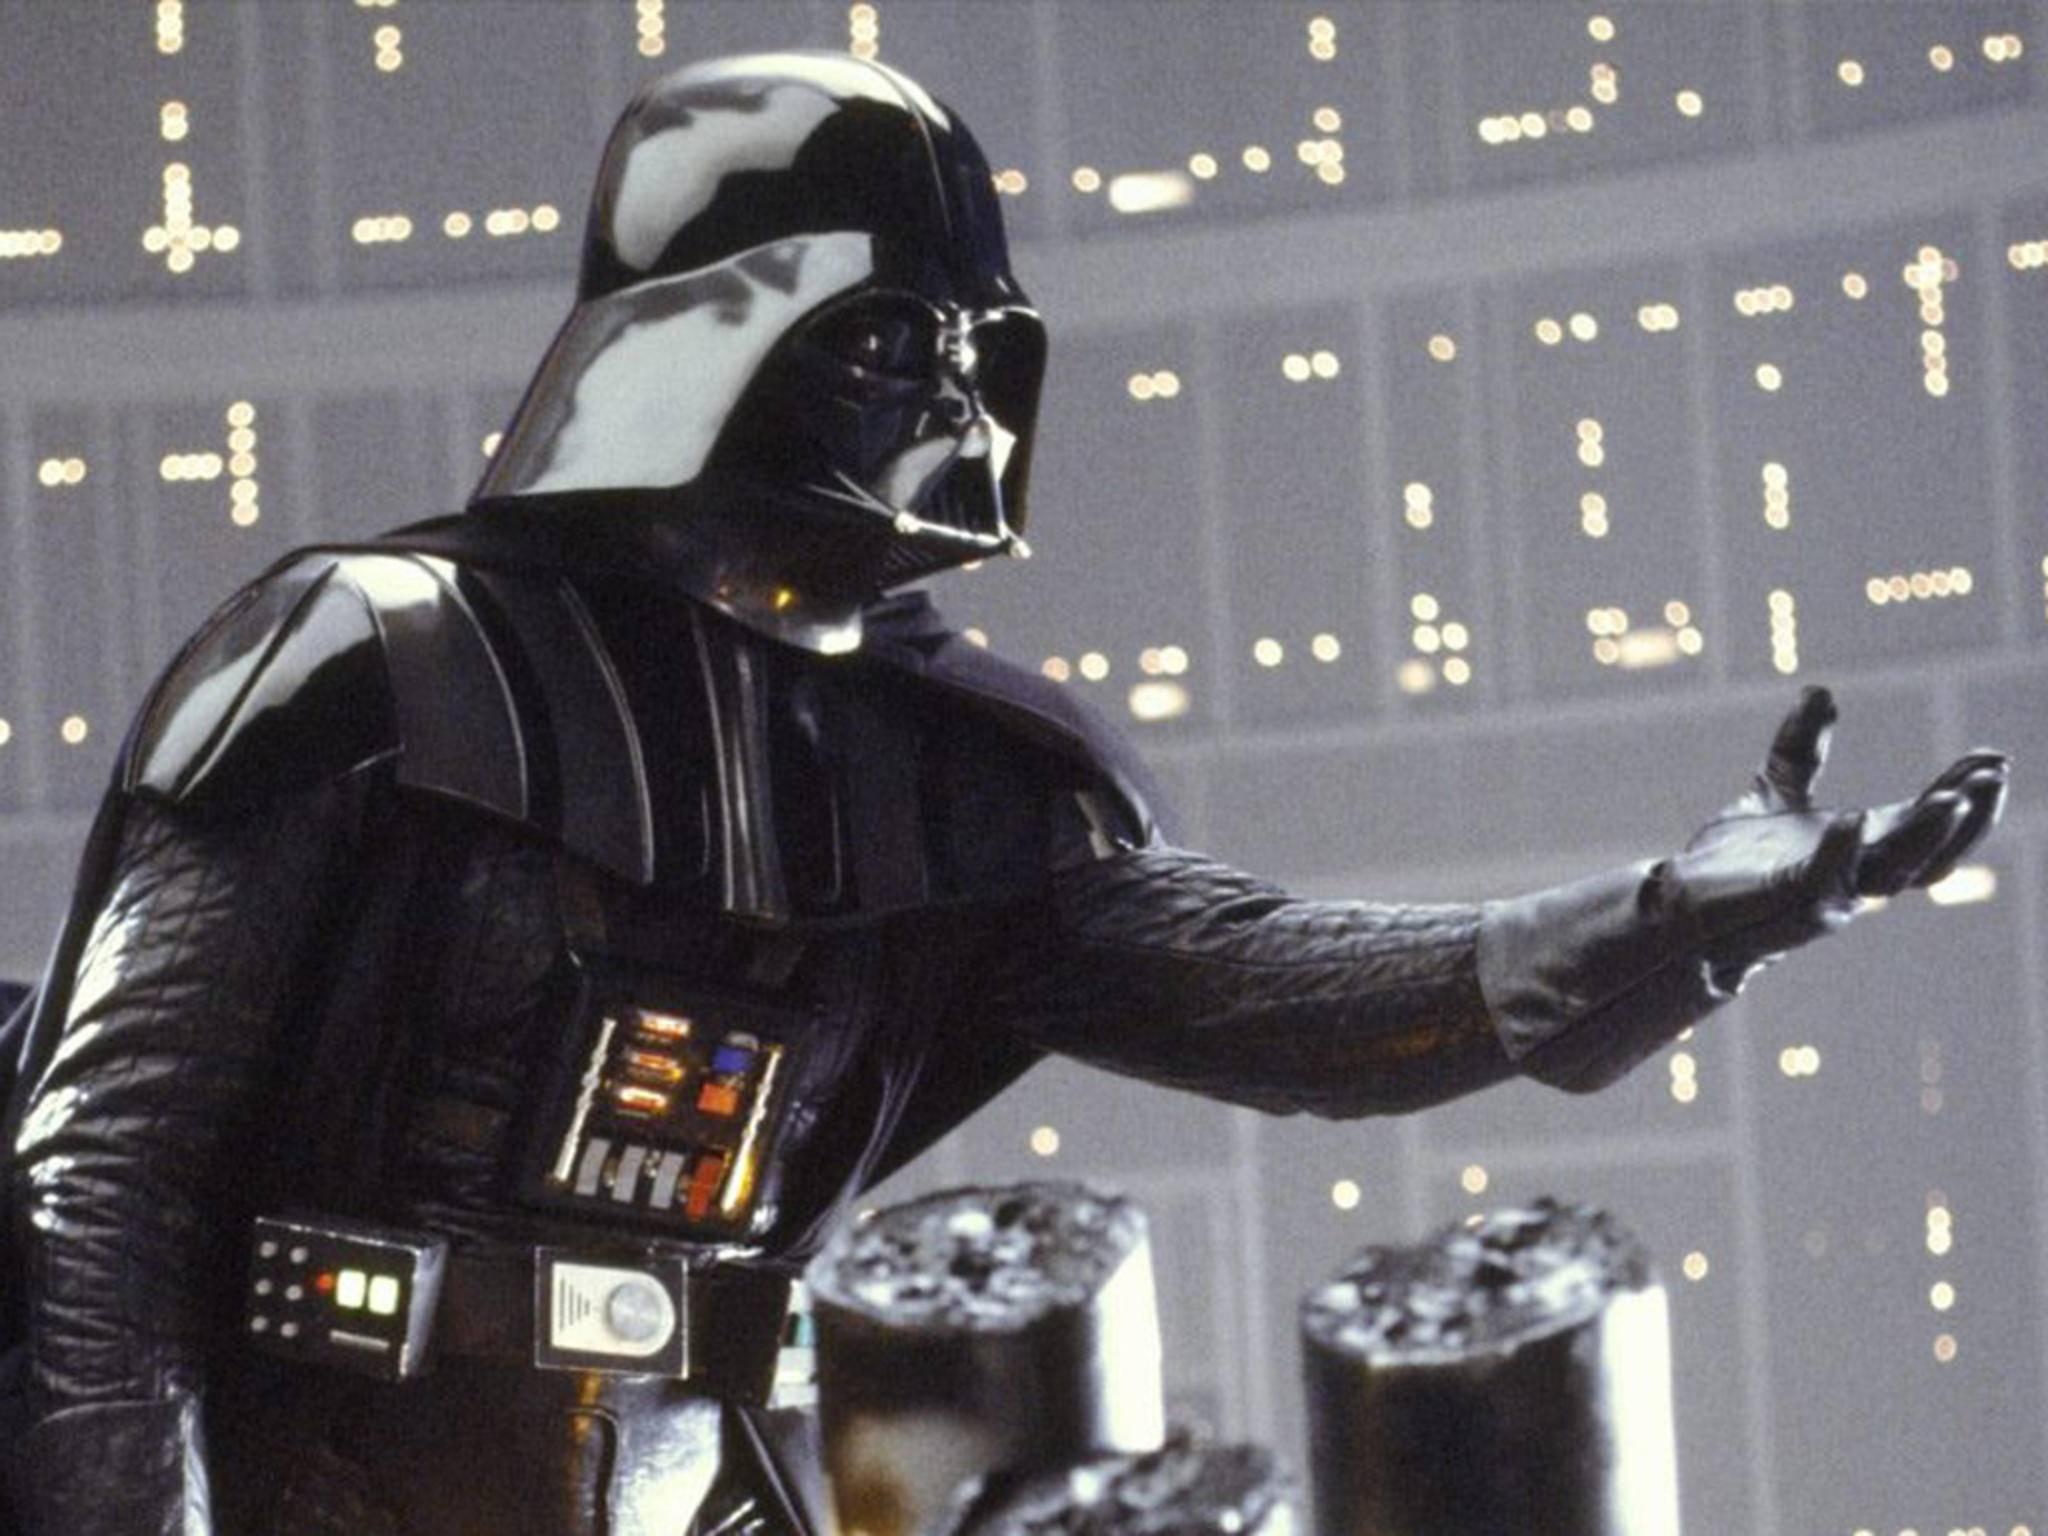 Ein Anzug wie Darth Vader? Gar nicht so unmöglich – dauert nur ein paar (viele!) Jahre.